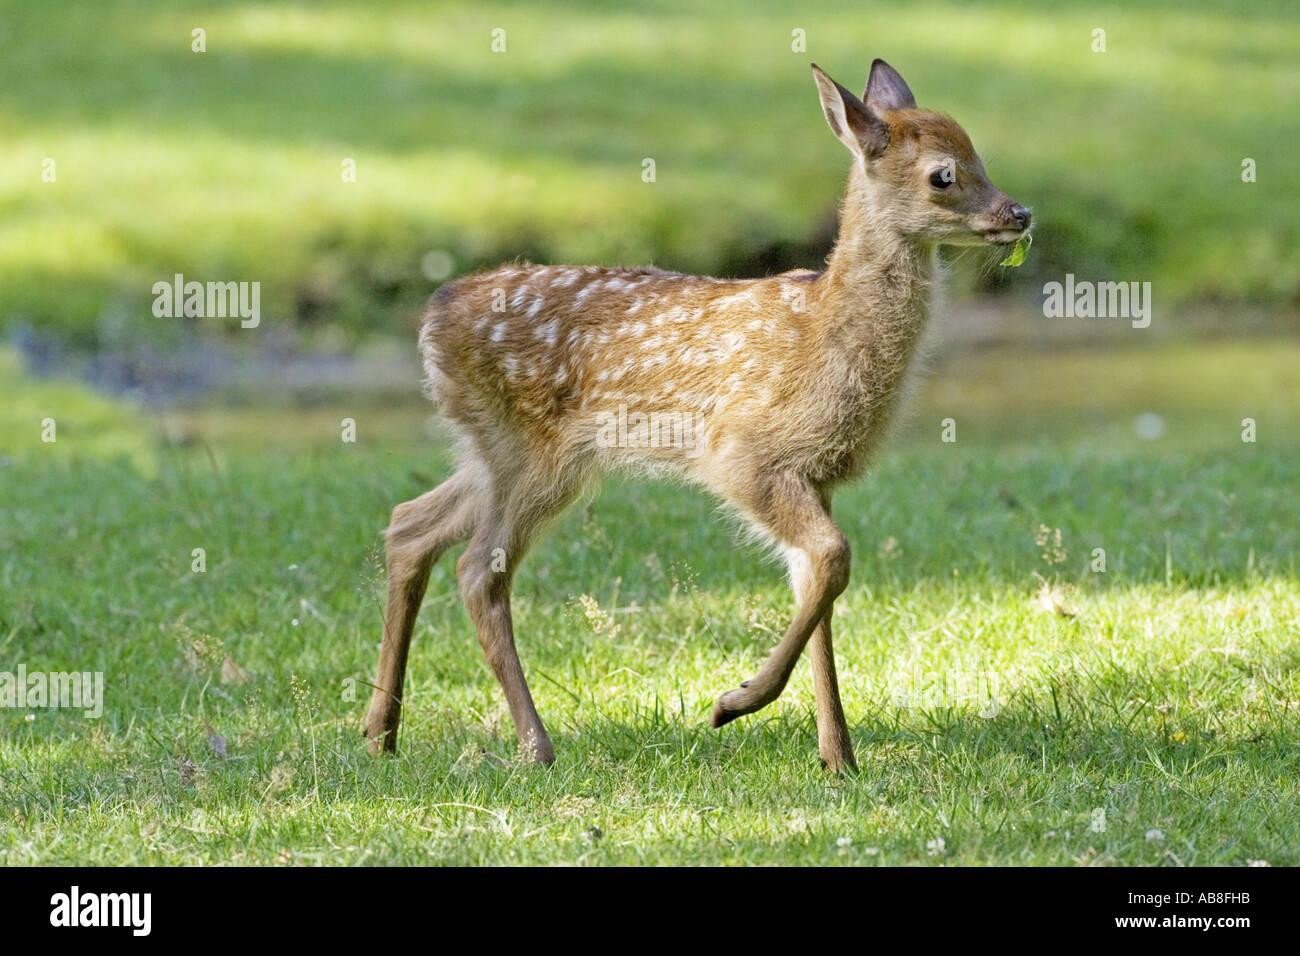 sika deer (Cervus nippon), calf on meadow, Germany, Hesse Stock